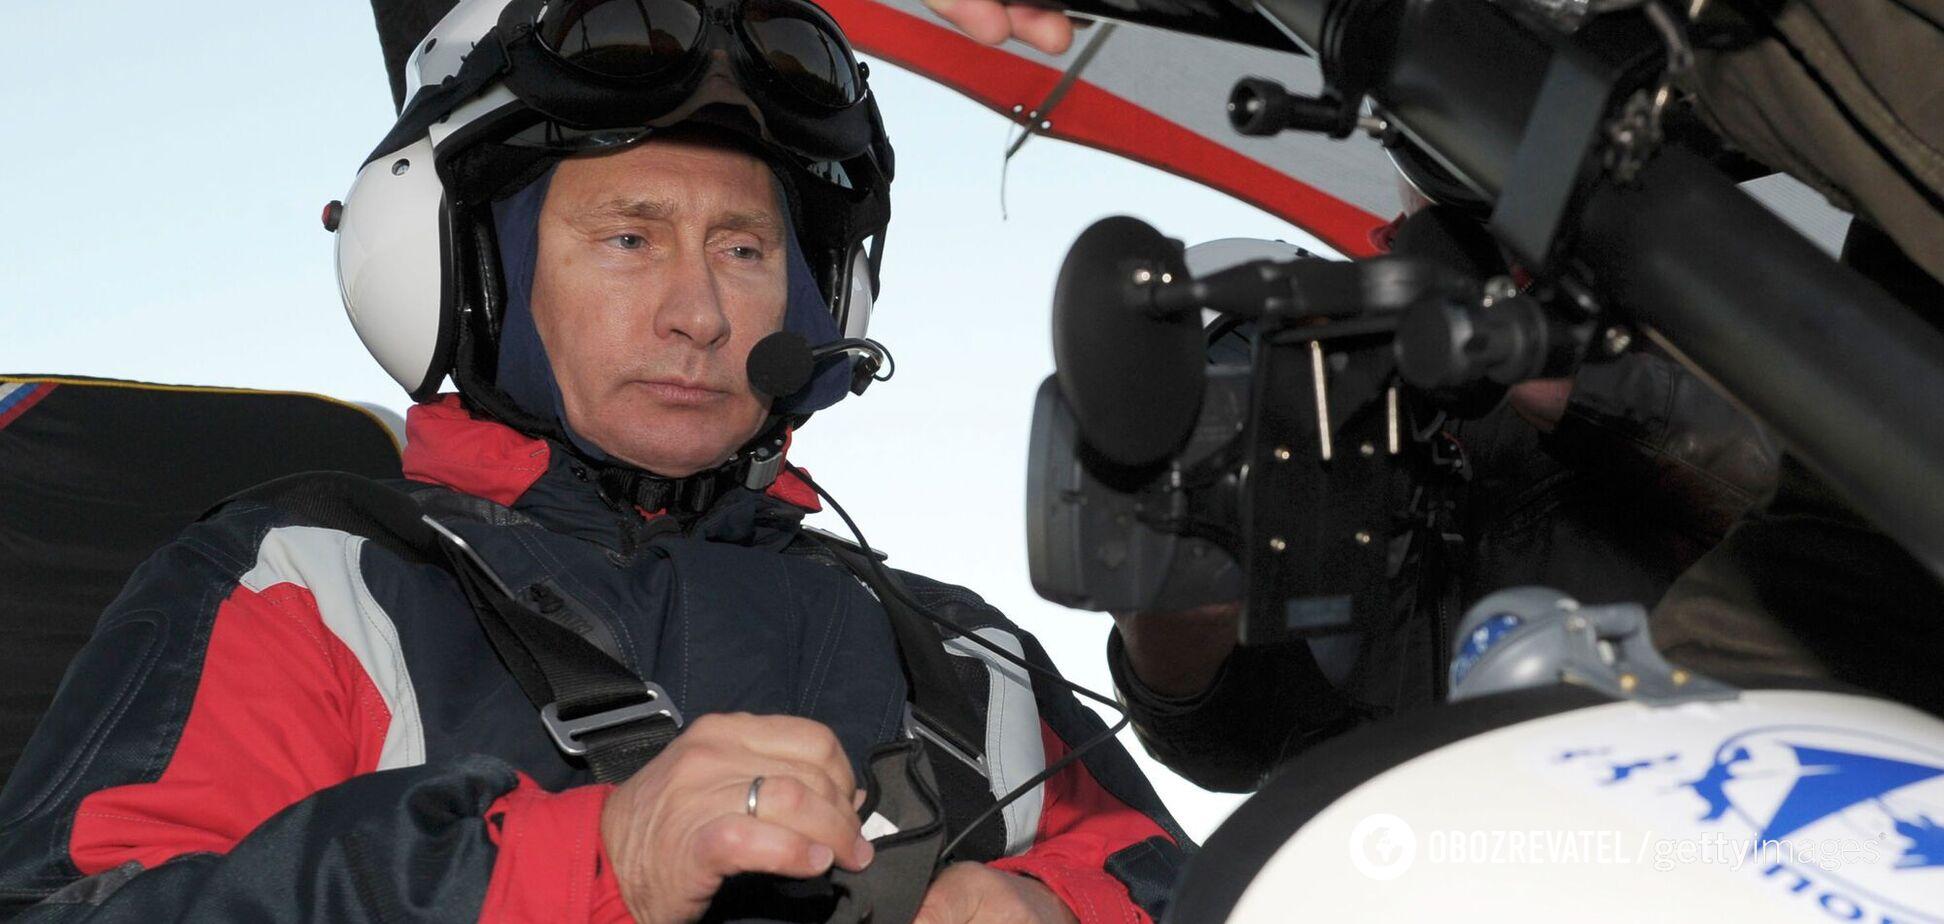 Винищувачі Путіна не сунуться в Україну, але над РФ літати небезпечно, – Жданов